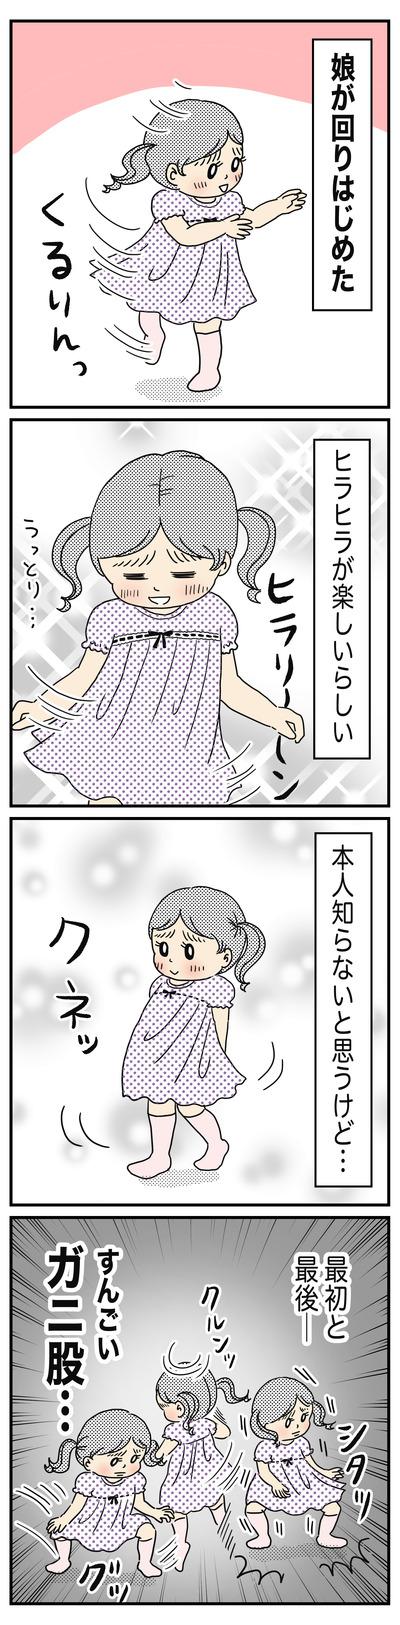 331 ガニ股ヨッちゃん